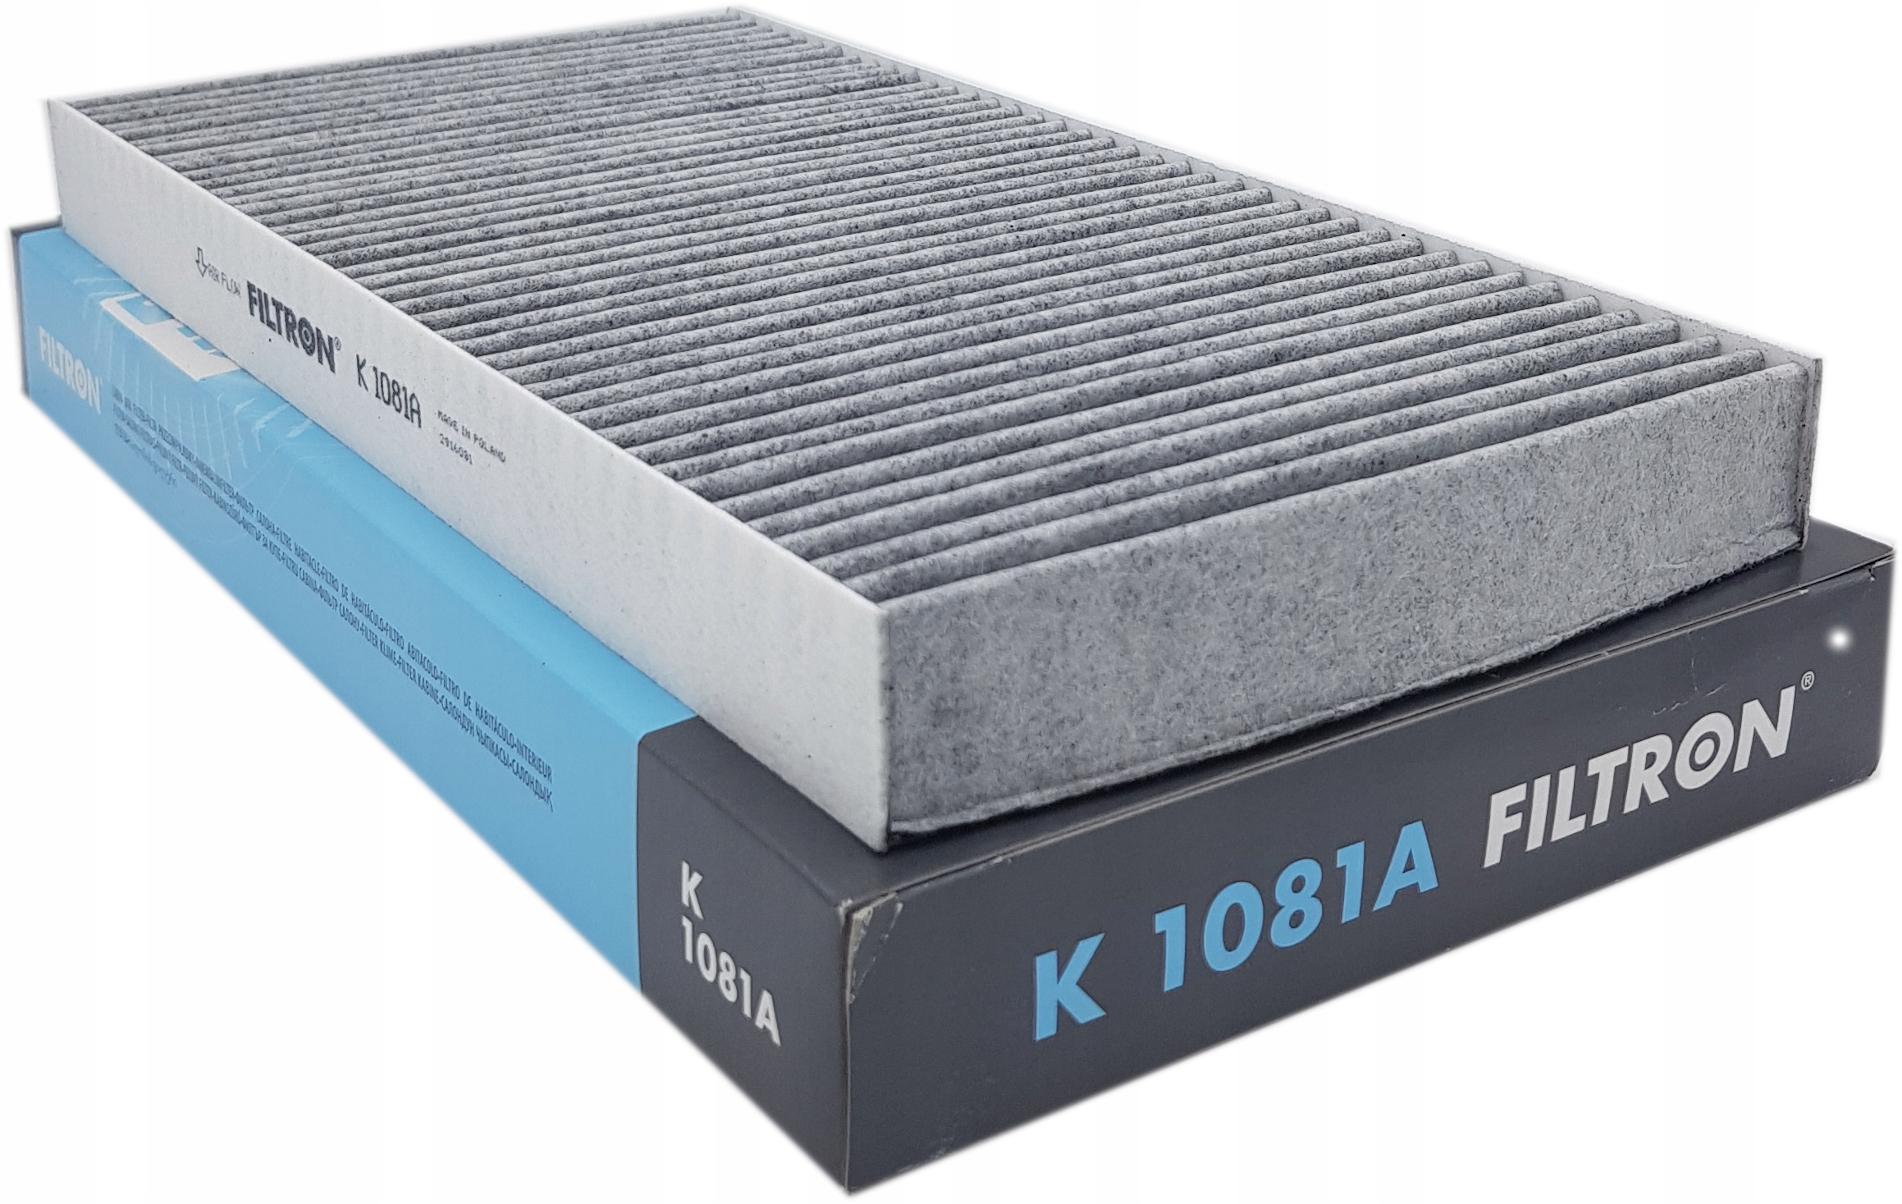 фильтр кабины угольный opel vectra c k1081a filtro